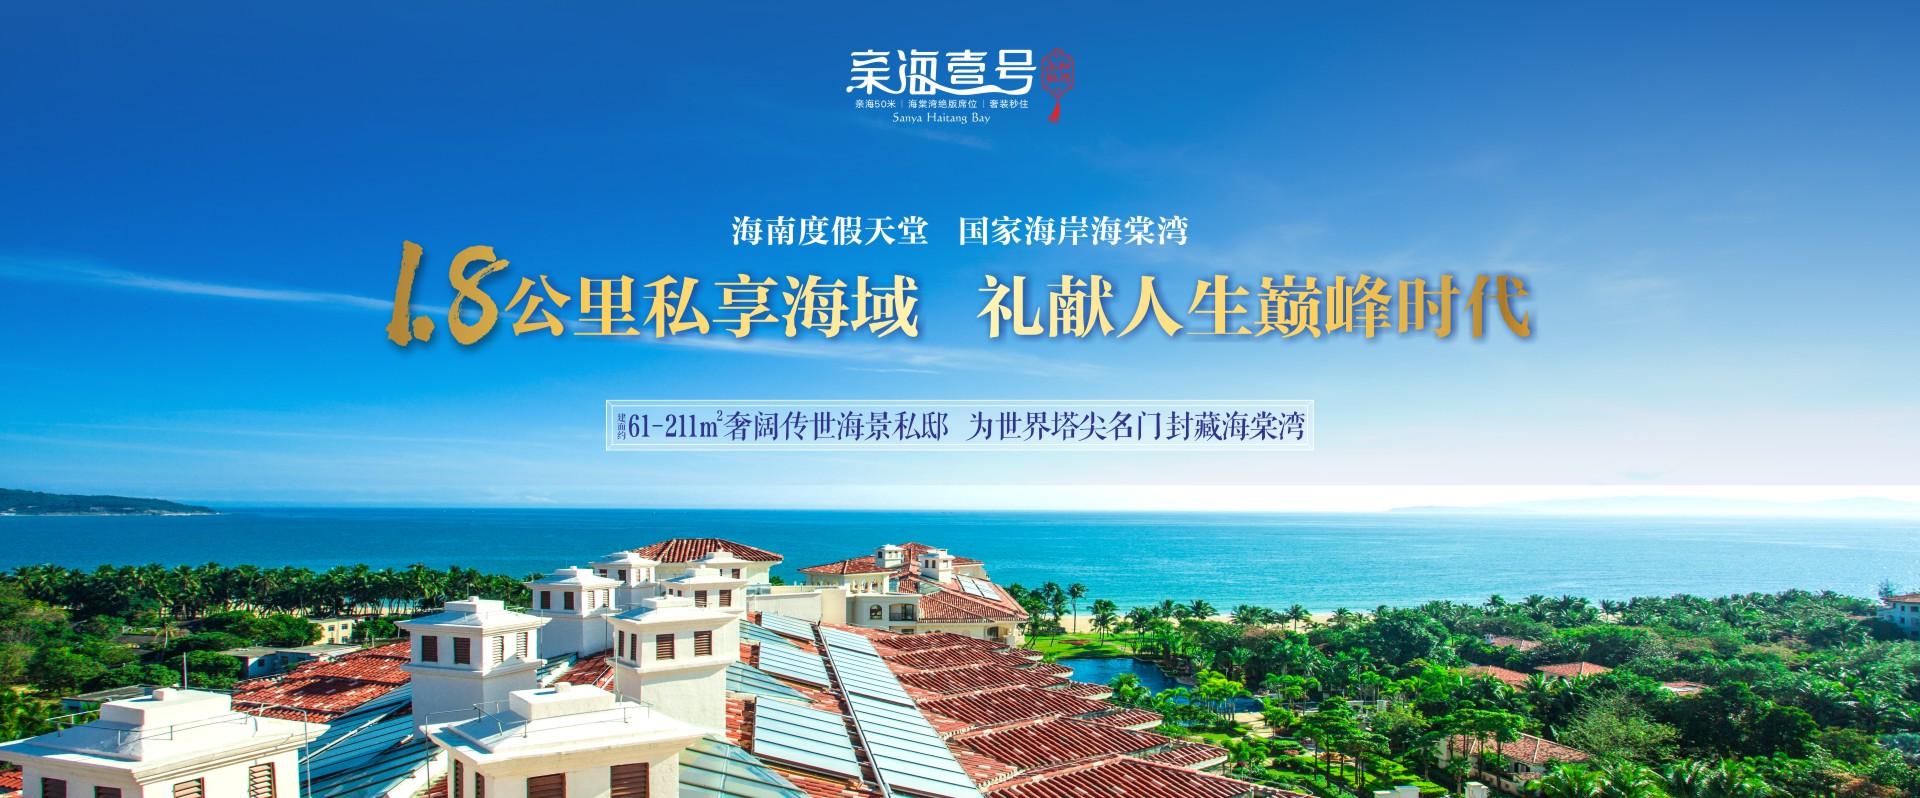 海南房产网东和福湾亲海壹号宣传图